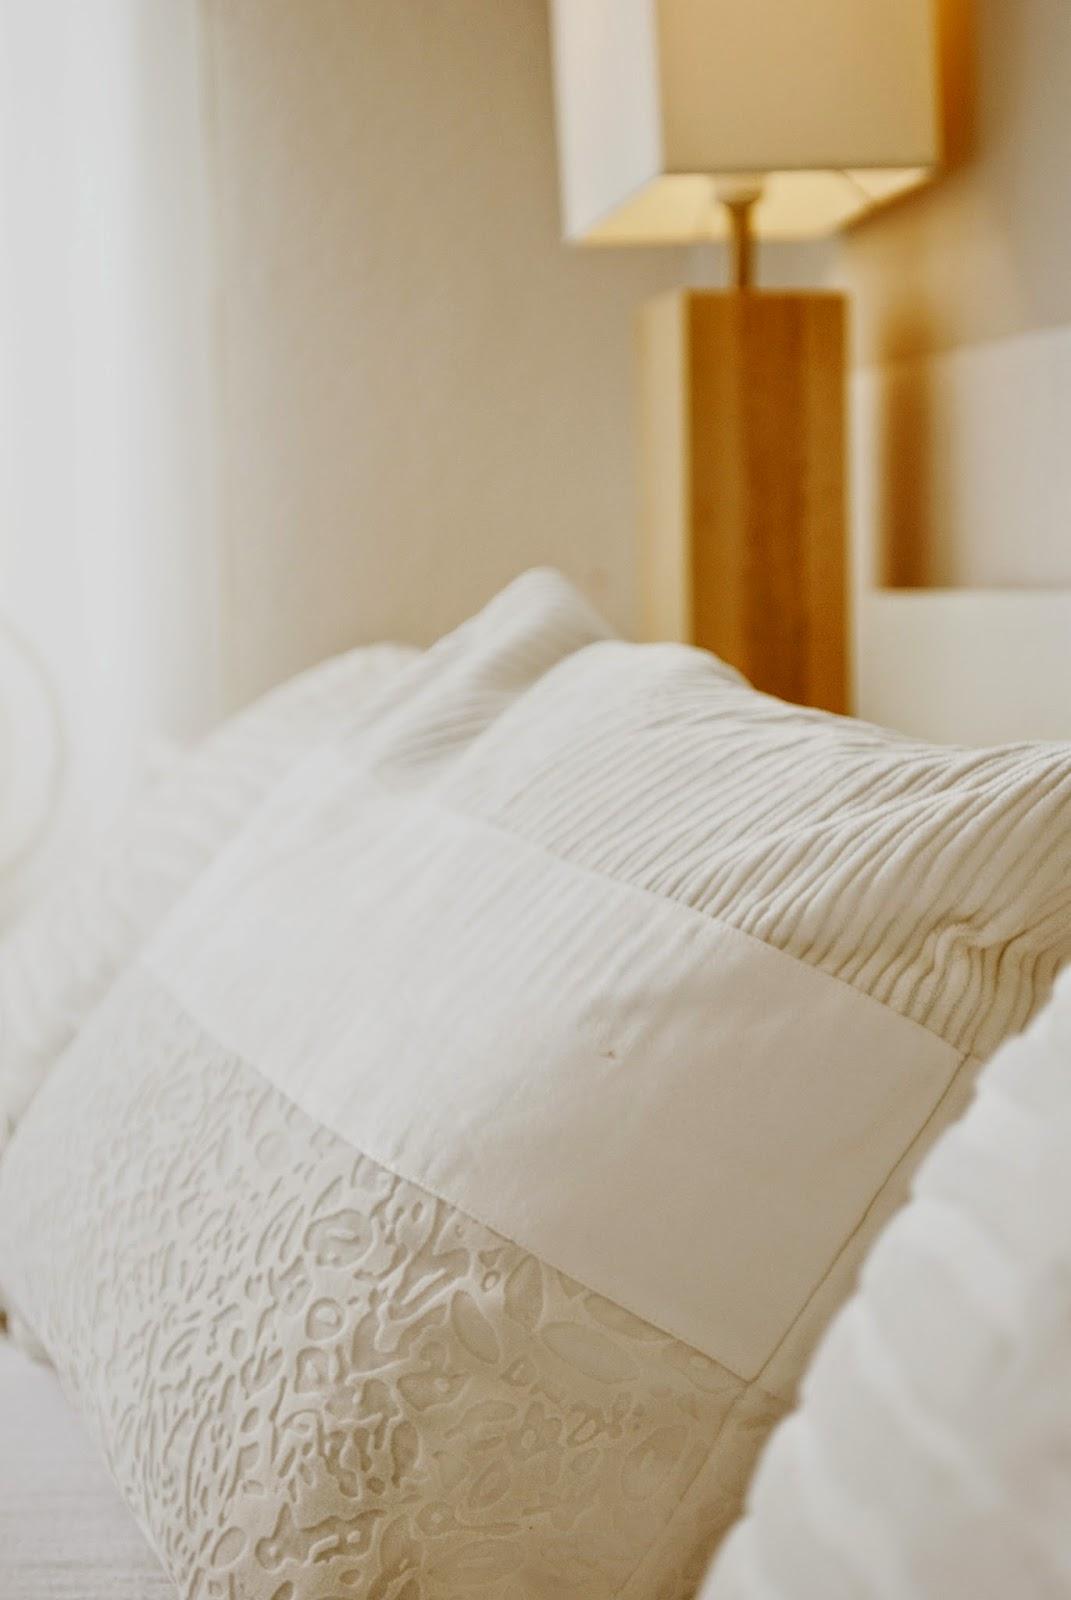 31 tage ordnung im haushalt challenge bettw sche und kissenbez ge aussortieren iby lippold. Black Bedroom Furniture Sets. Home Design Ideas